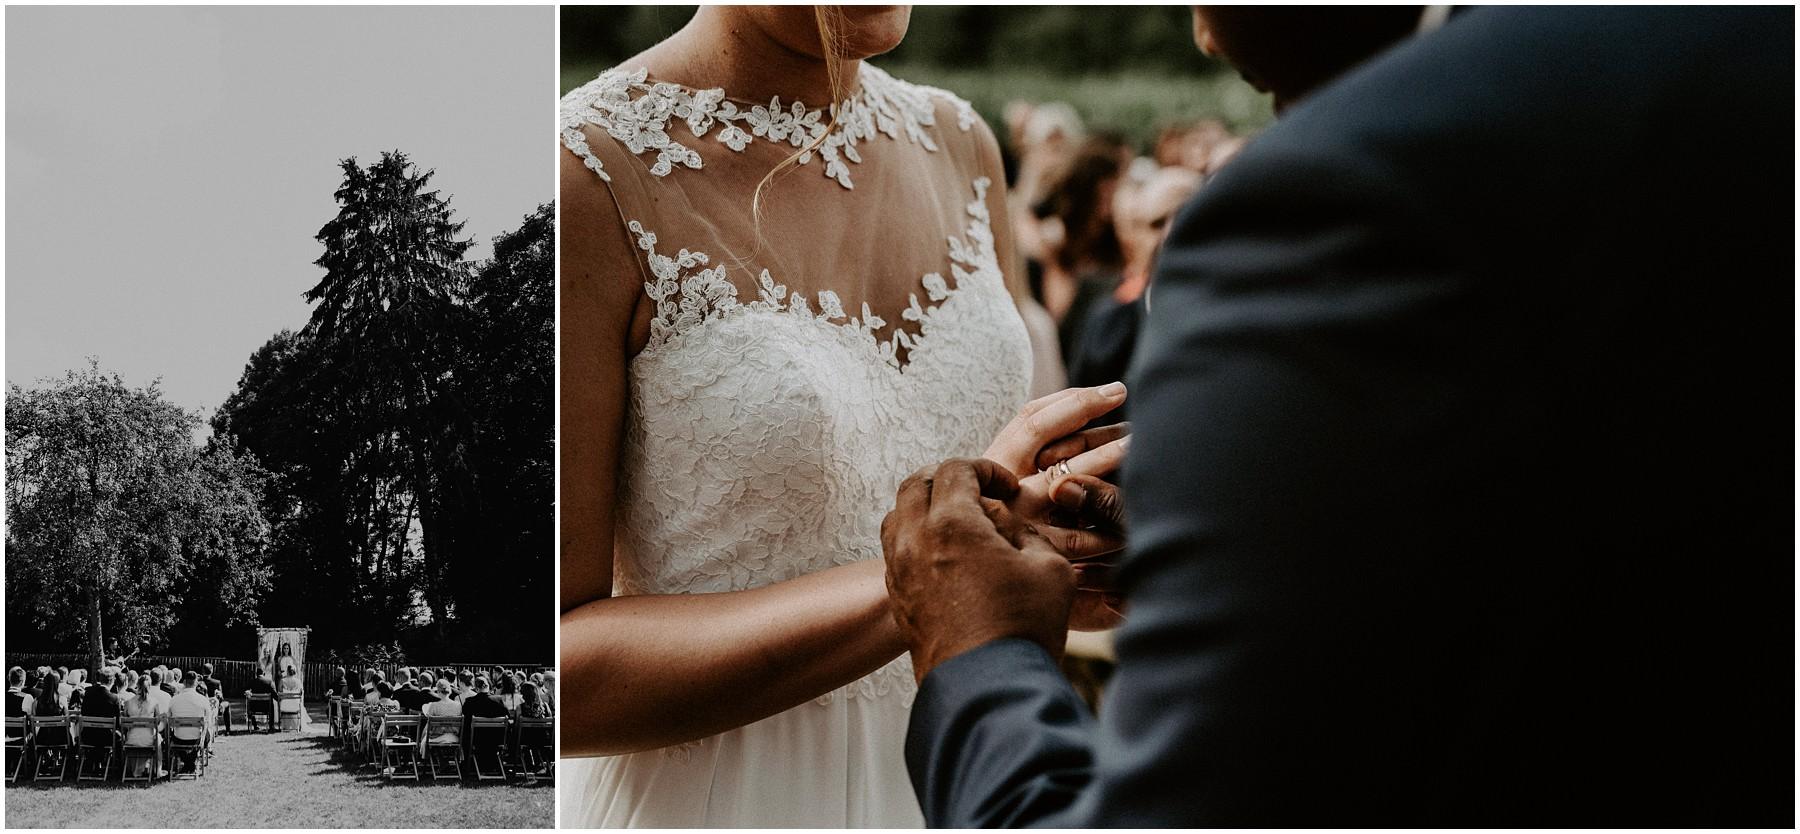 Scheunenhochzeit München Hochzeitsfotografin Michele Schiermann